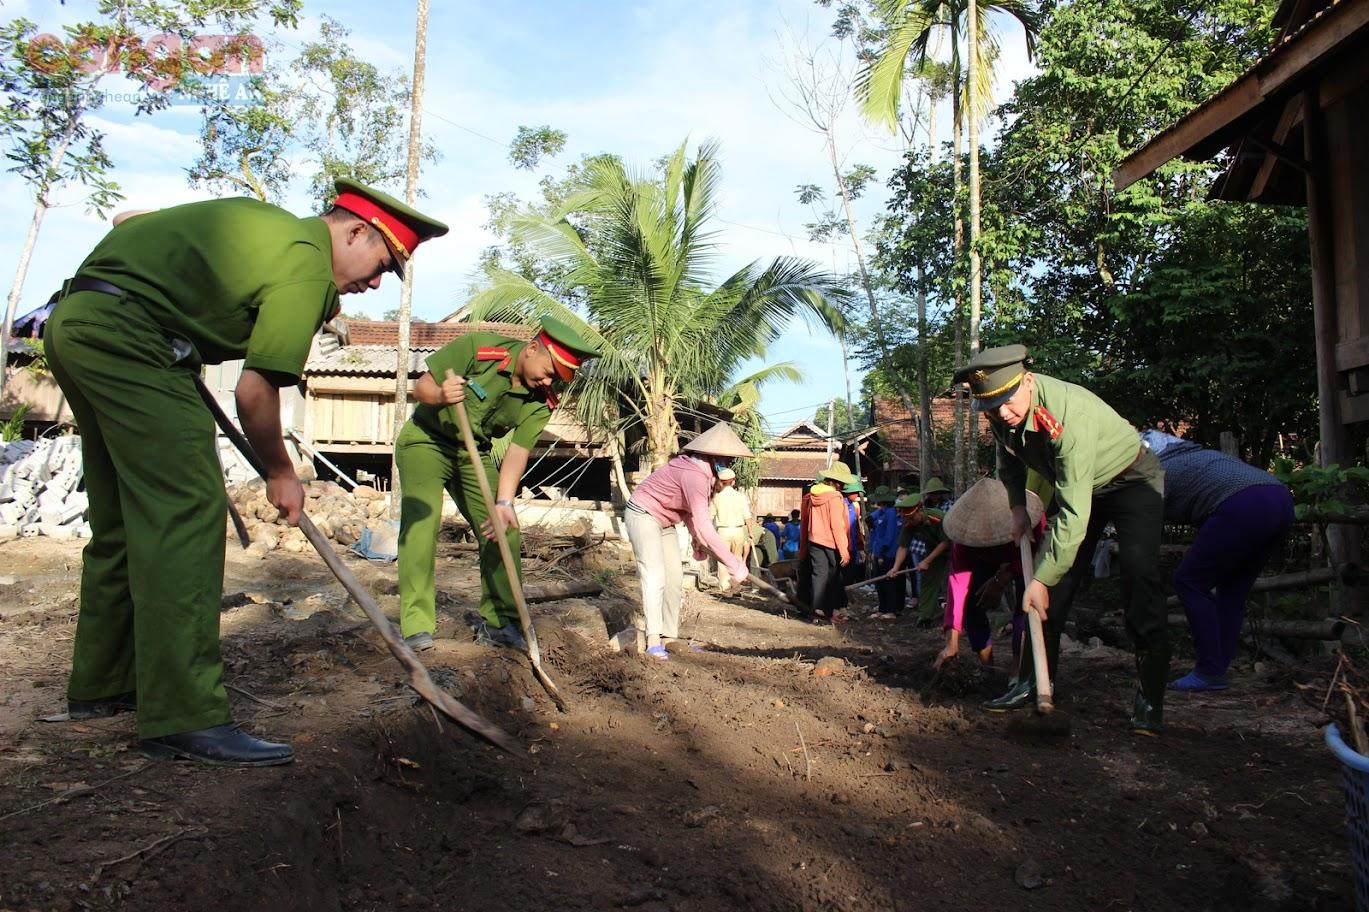 Các phong trào, hoạt động trong Công an Nghệ An những năm qua luôn hướng về cơ sở (Trong ảnh: CBCS ủng hộ vật chất, sức người làm đường nông thôn mới tại Quỳ Châu)